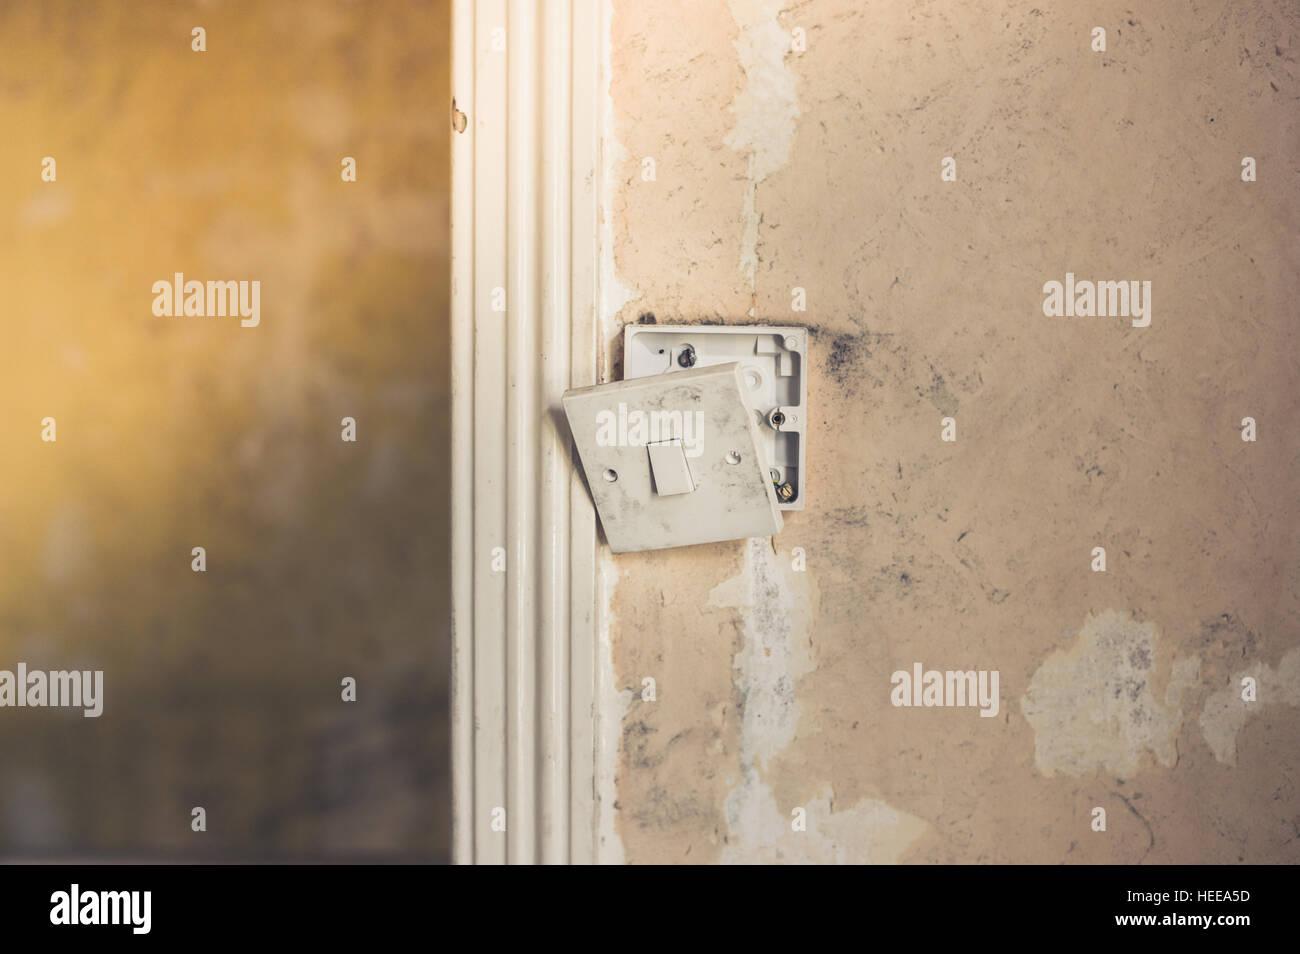 Charming Eine Defekte Lichtschalter Mit Freiliegenden Drähten Auf Eine Schmutzige  Wand Mit Peeling Tapete